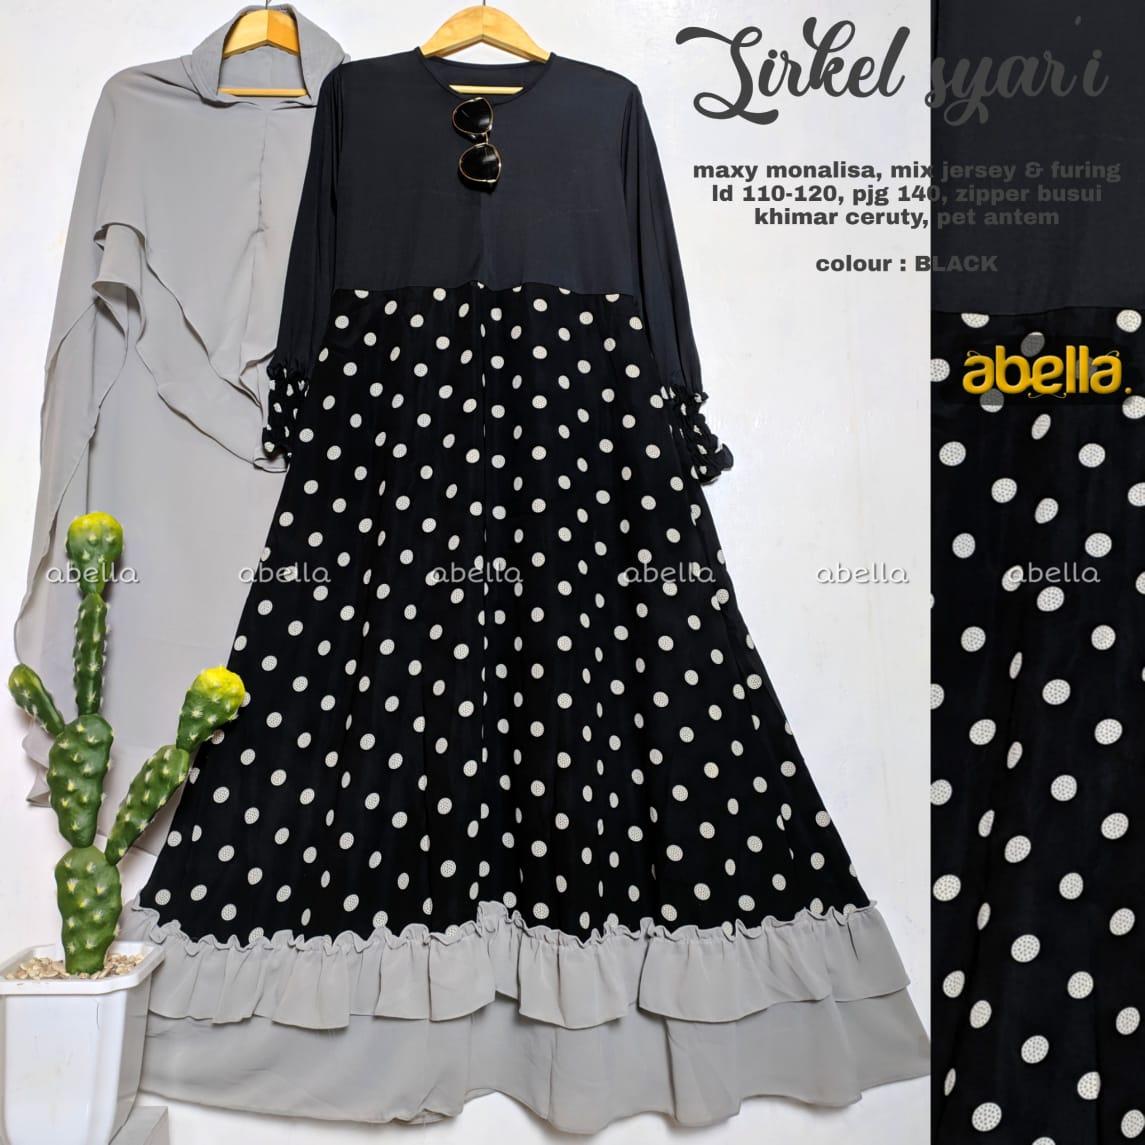 Sirkel Maxy Monalisa Mix Jersey Busui Model Gamis Terbaru 8 Untuk  RemajaModel Baju dress Panjang EleganDress Baju Muslim Wanita  TerbaruSketsa